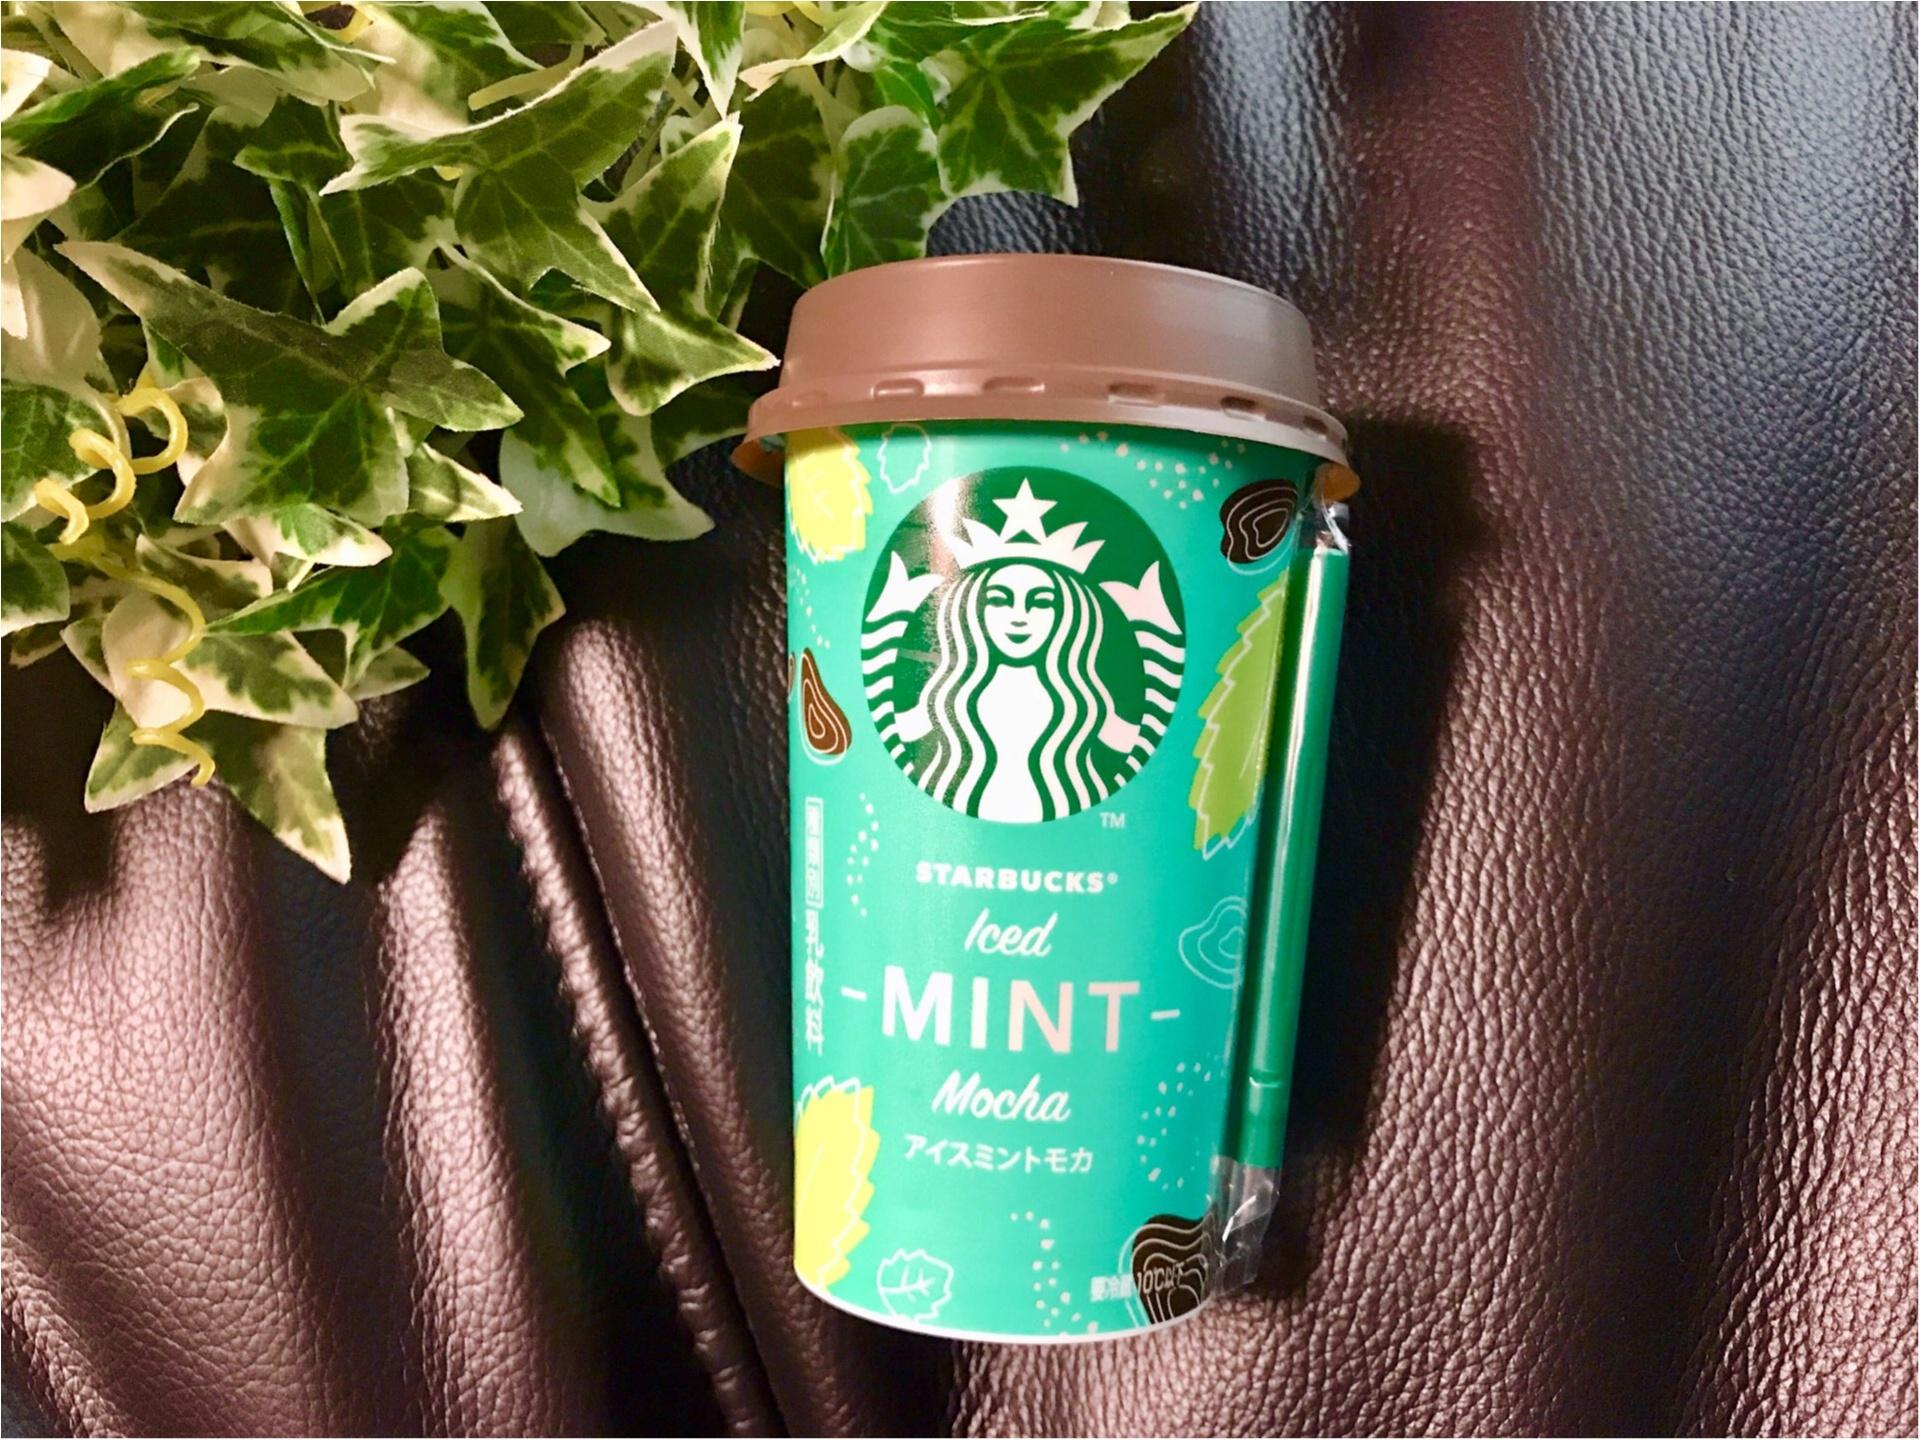 【スタバ】チョコレート×ミントの組み合わせが最高❤︎《アイスミントモカ》が新登場!_2